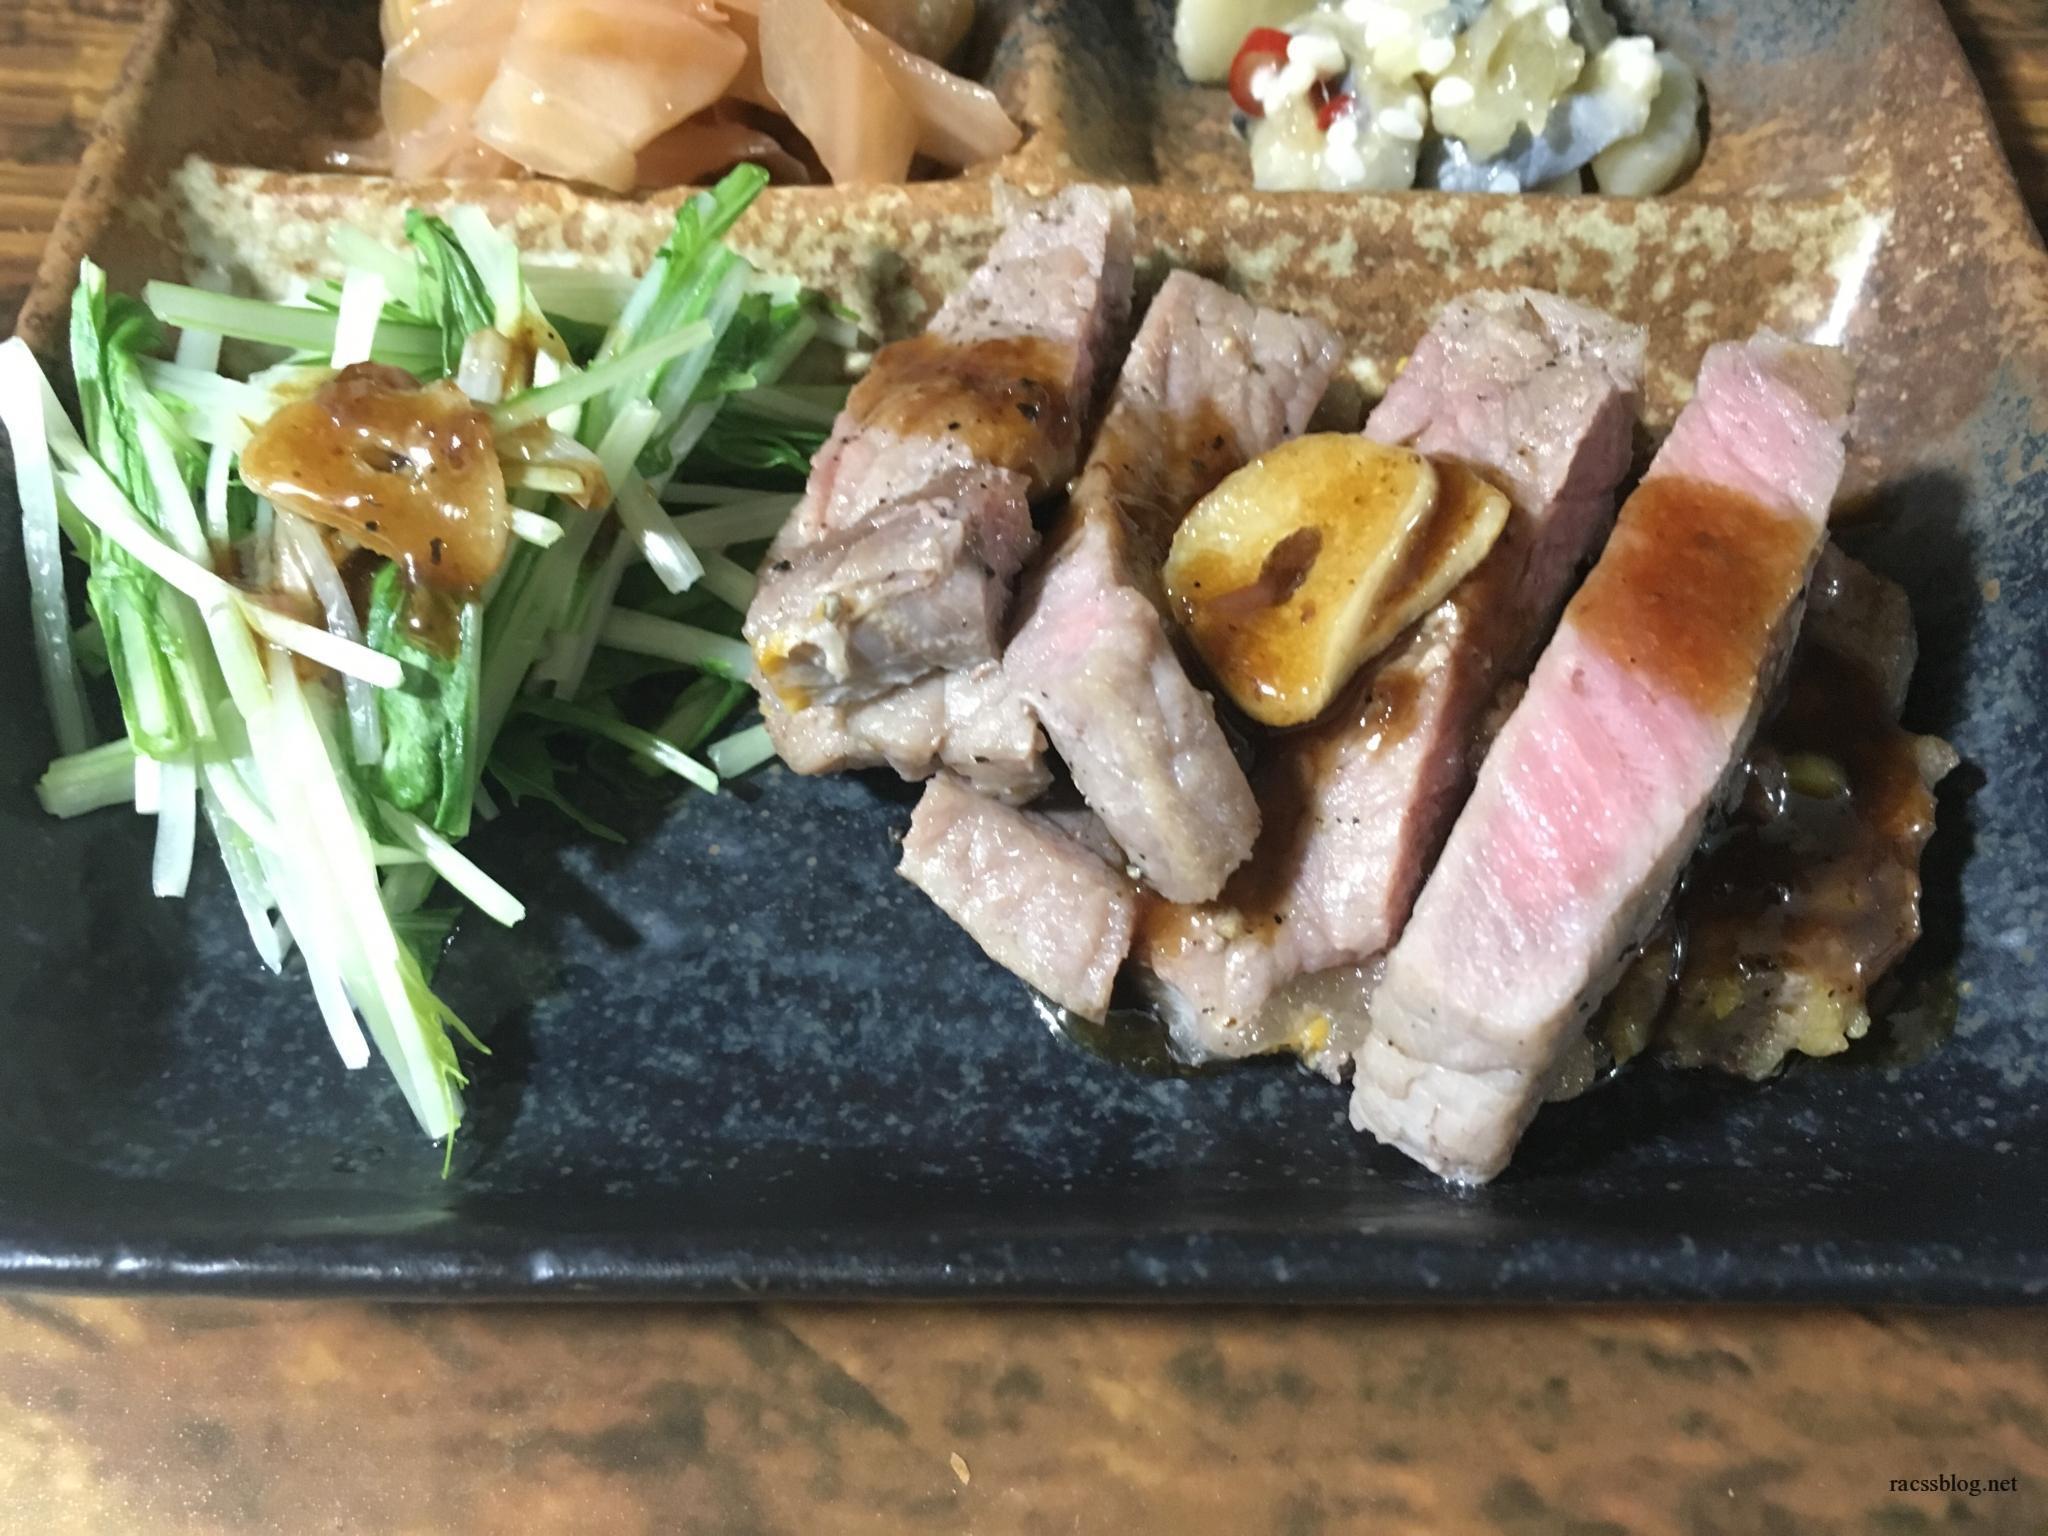 冷凍焼け(長期冷凍)のお肉を美味しく食べる方法を試してみた